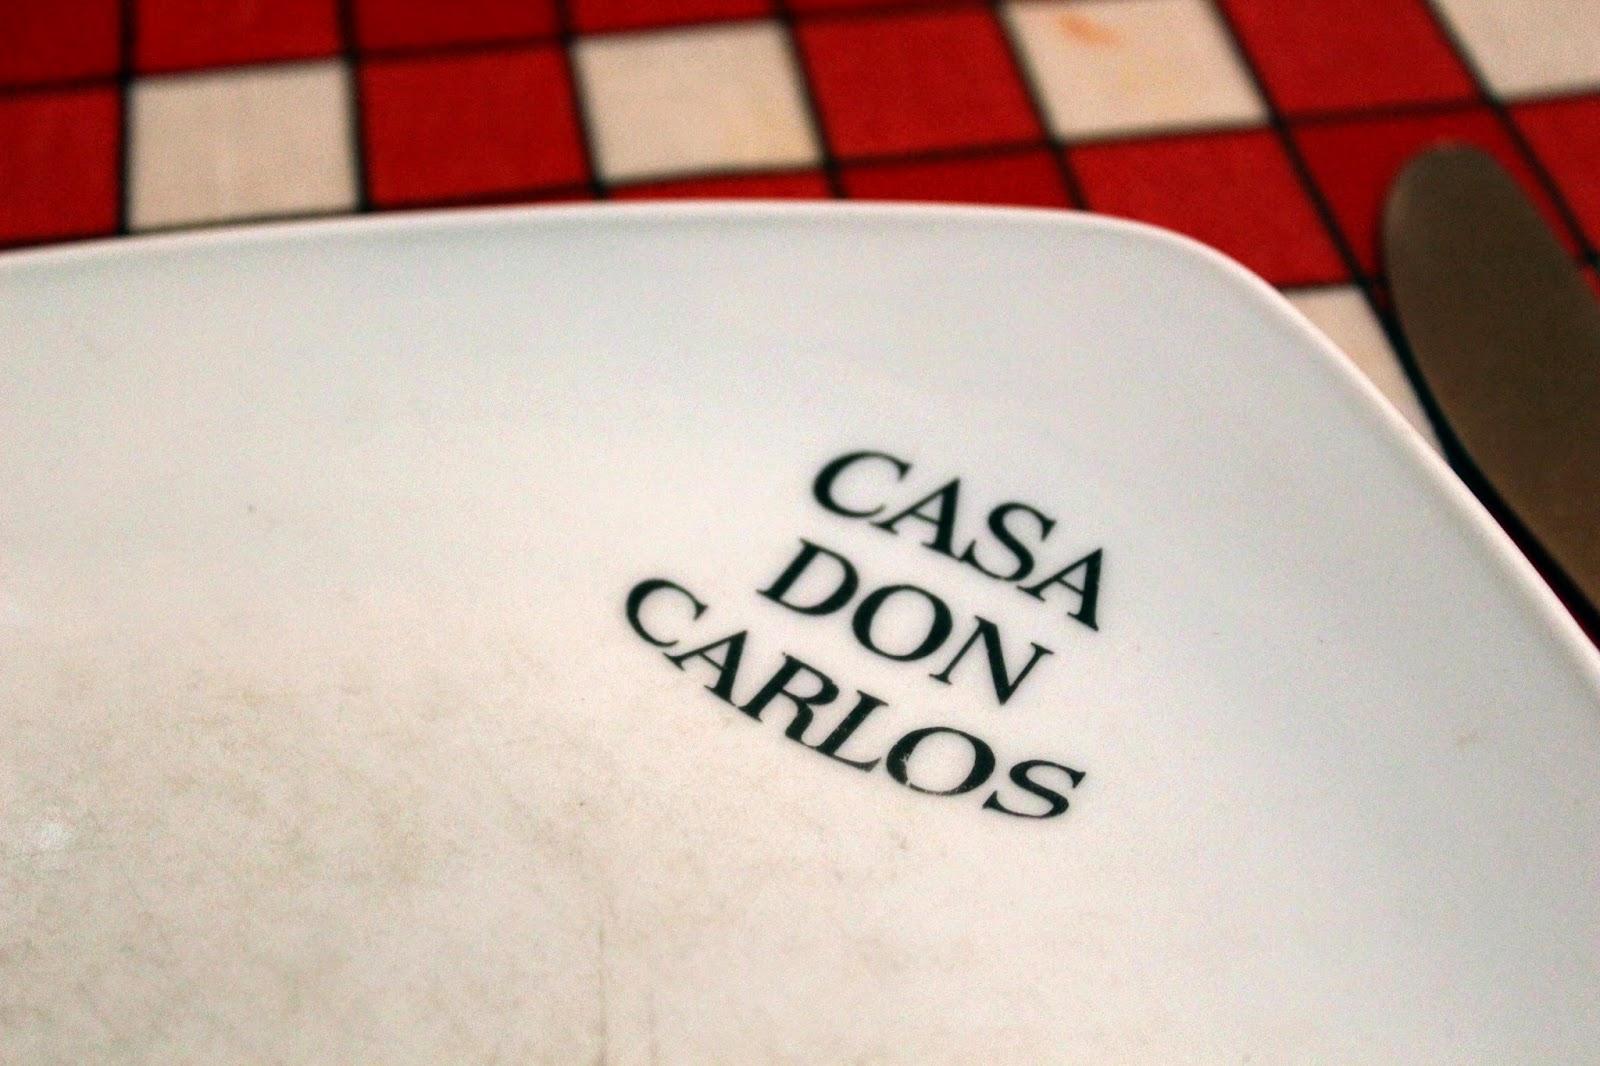 Casa Don Carlos Brighton